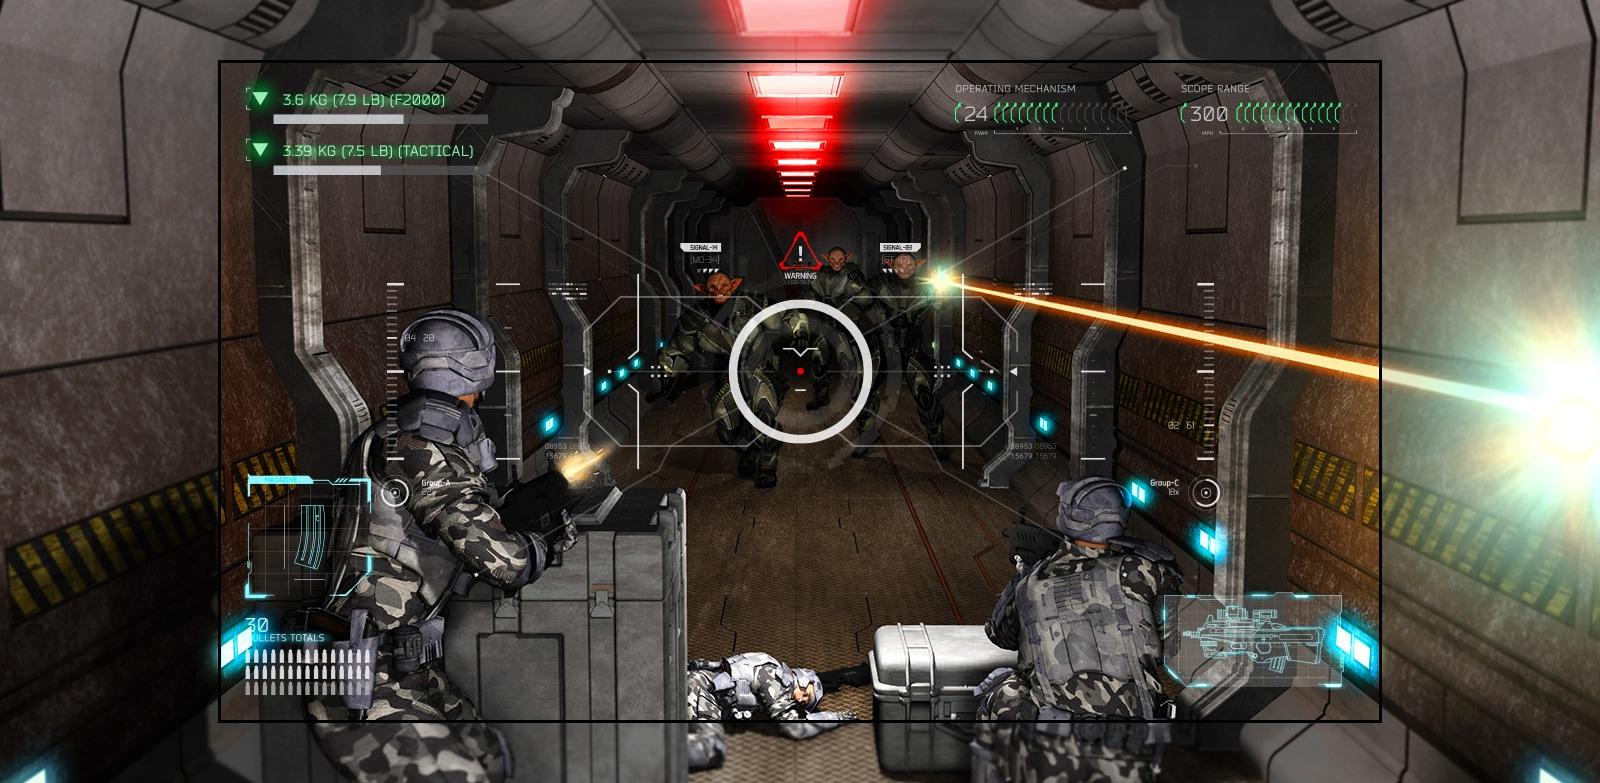 Un televisor que muestra una escena de un juego de disparos donde el jugador es superado por alienígenas con pistolas.